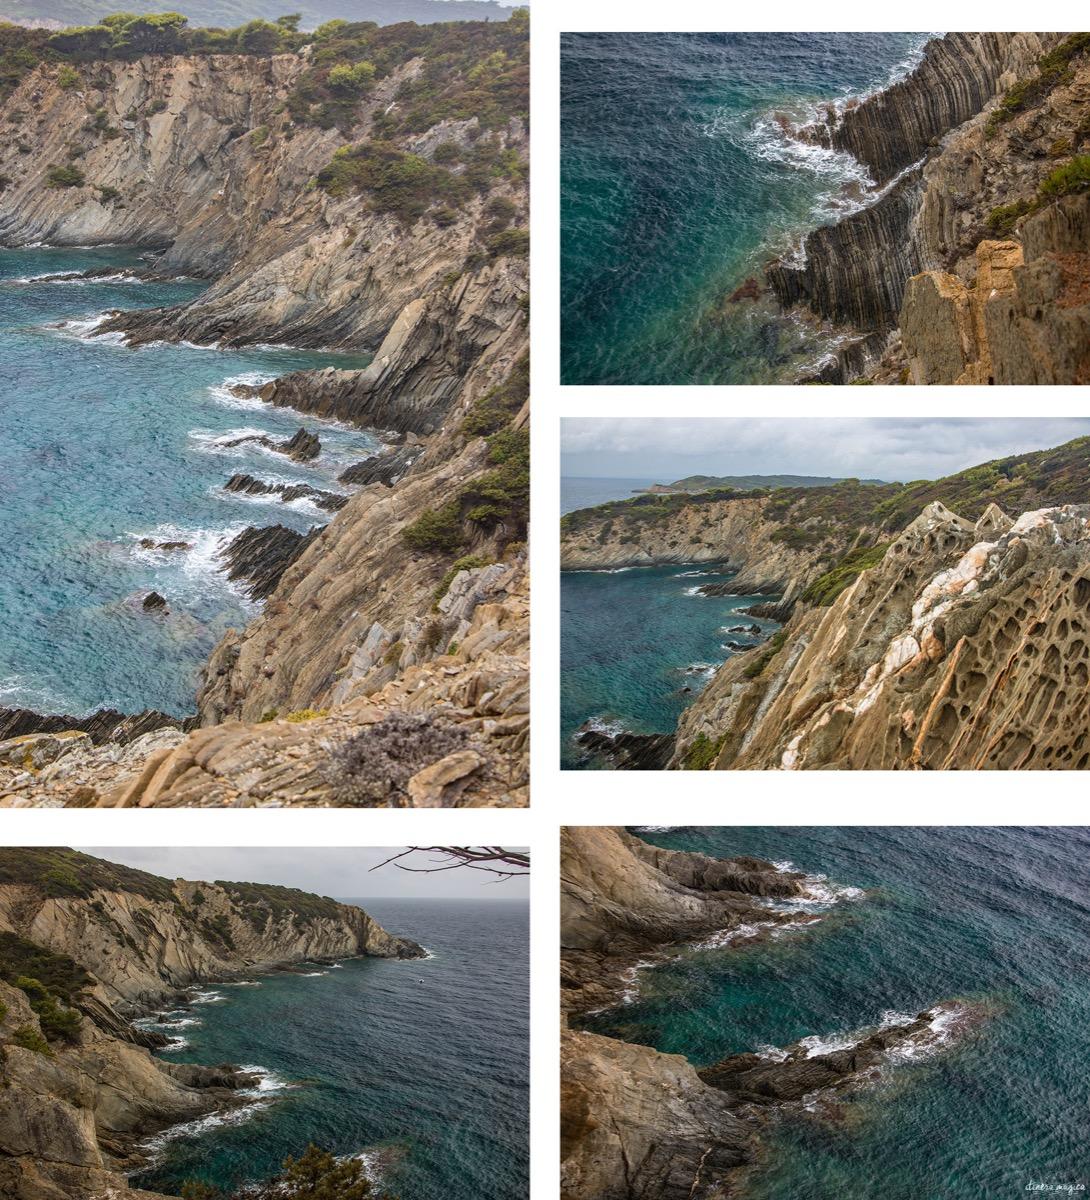 La plage du sud et la route des crêtes, Port Cros